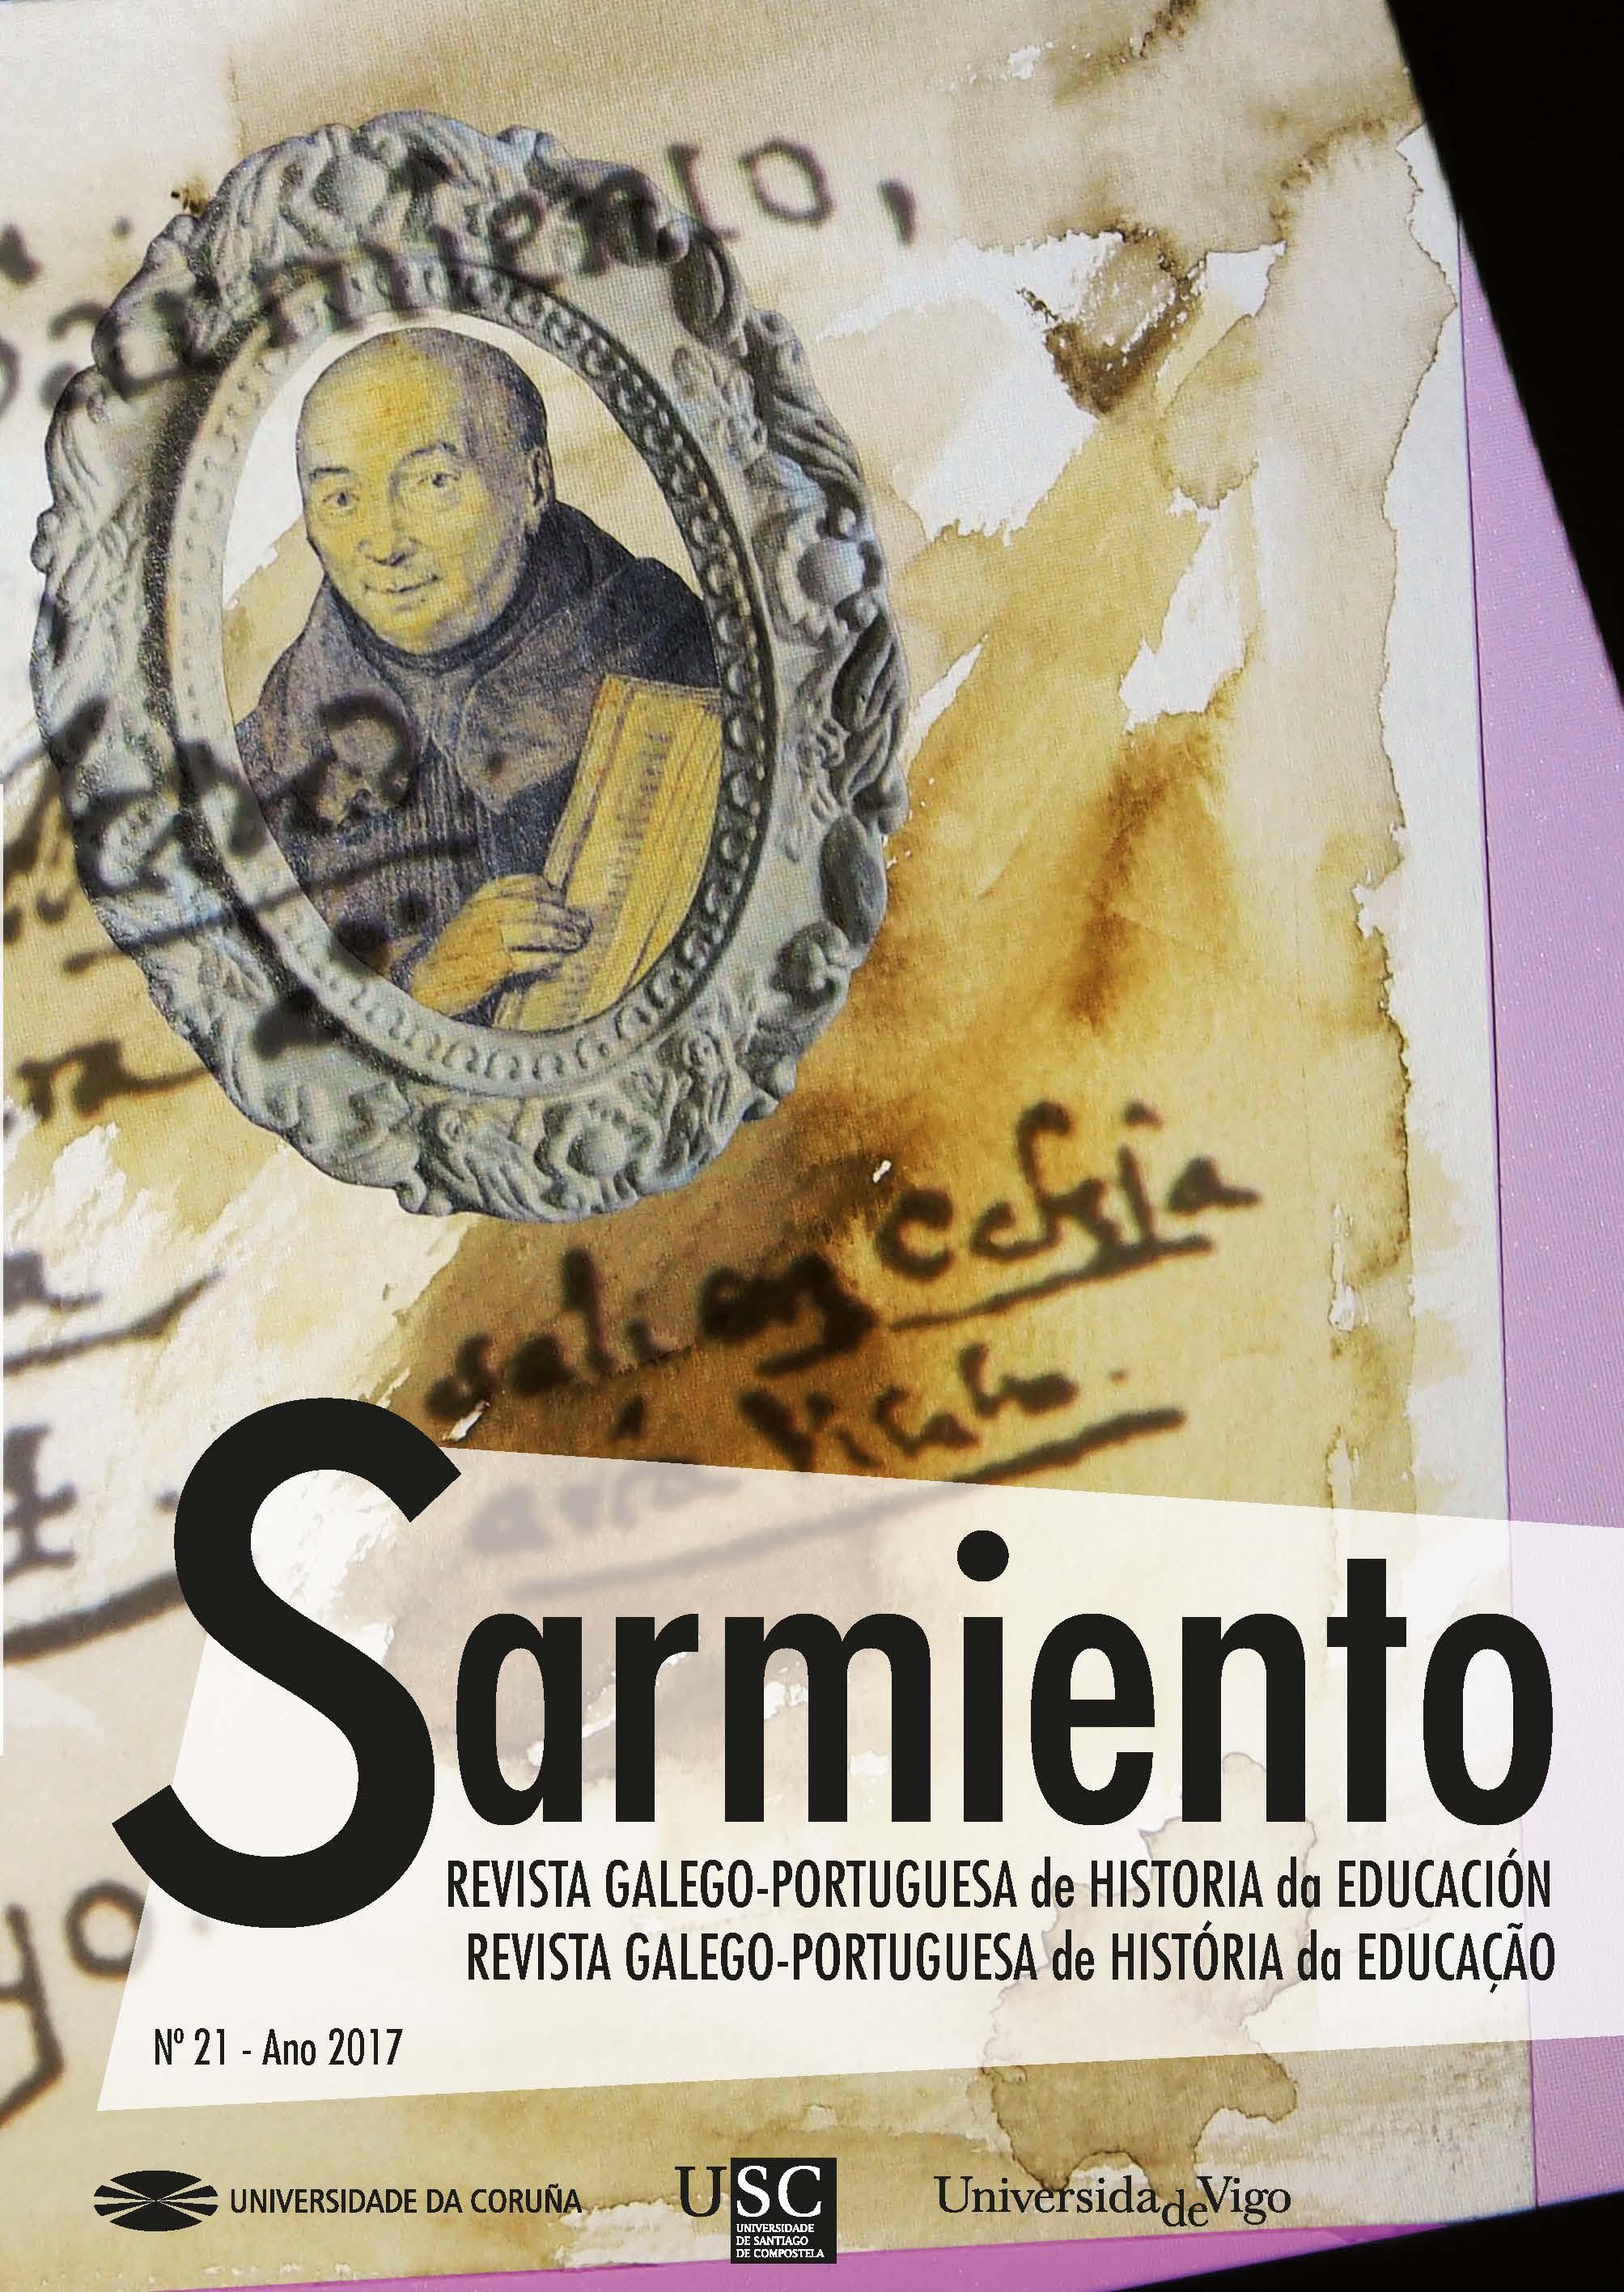 Sarmiento: cubierta